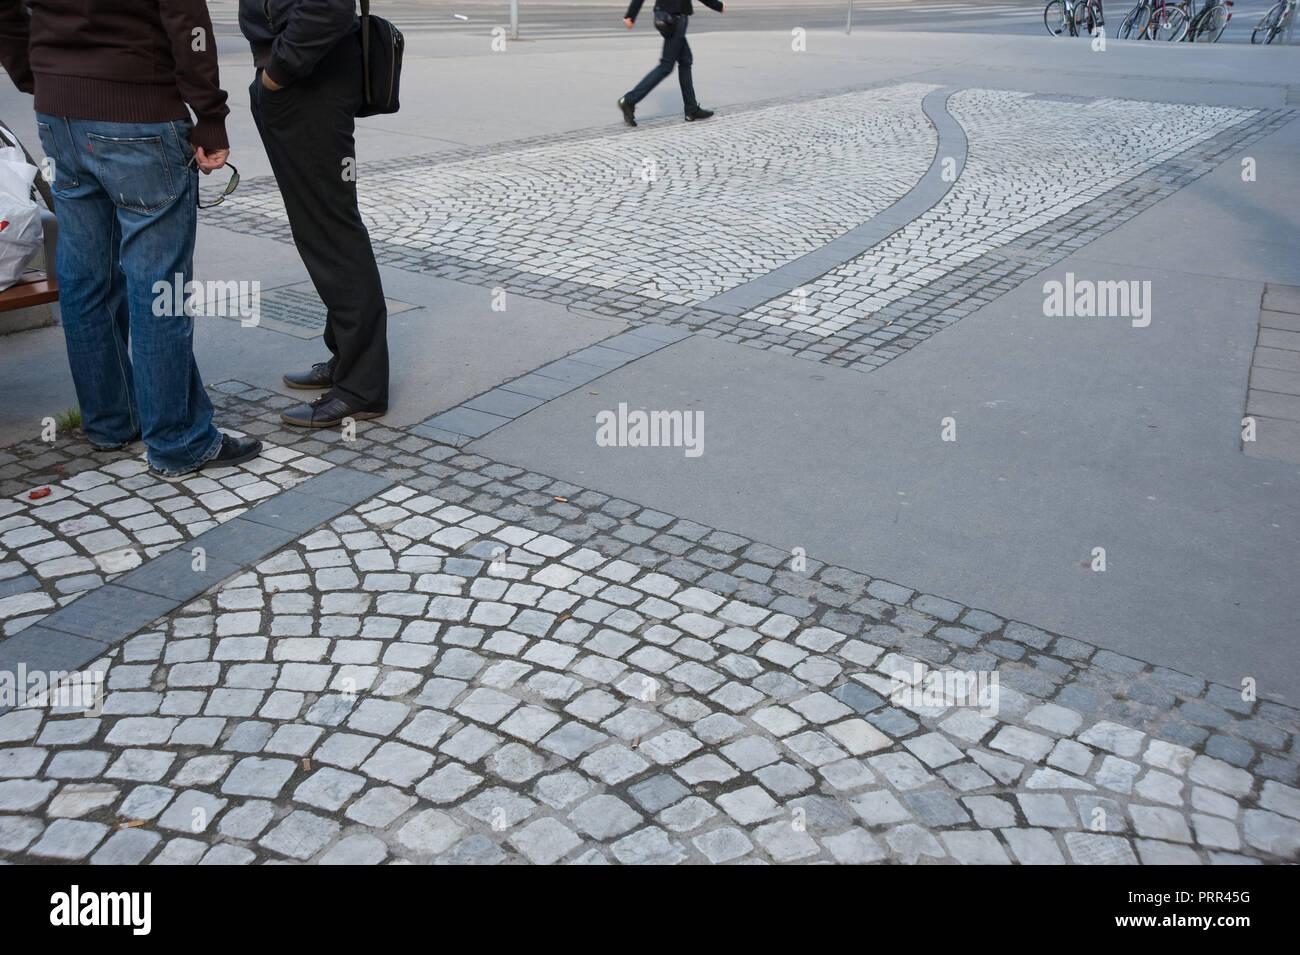 Wien, Siebensternplatz, Bodengestaltung als Erinnerung an alte Wasserbecken - Stock Image